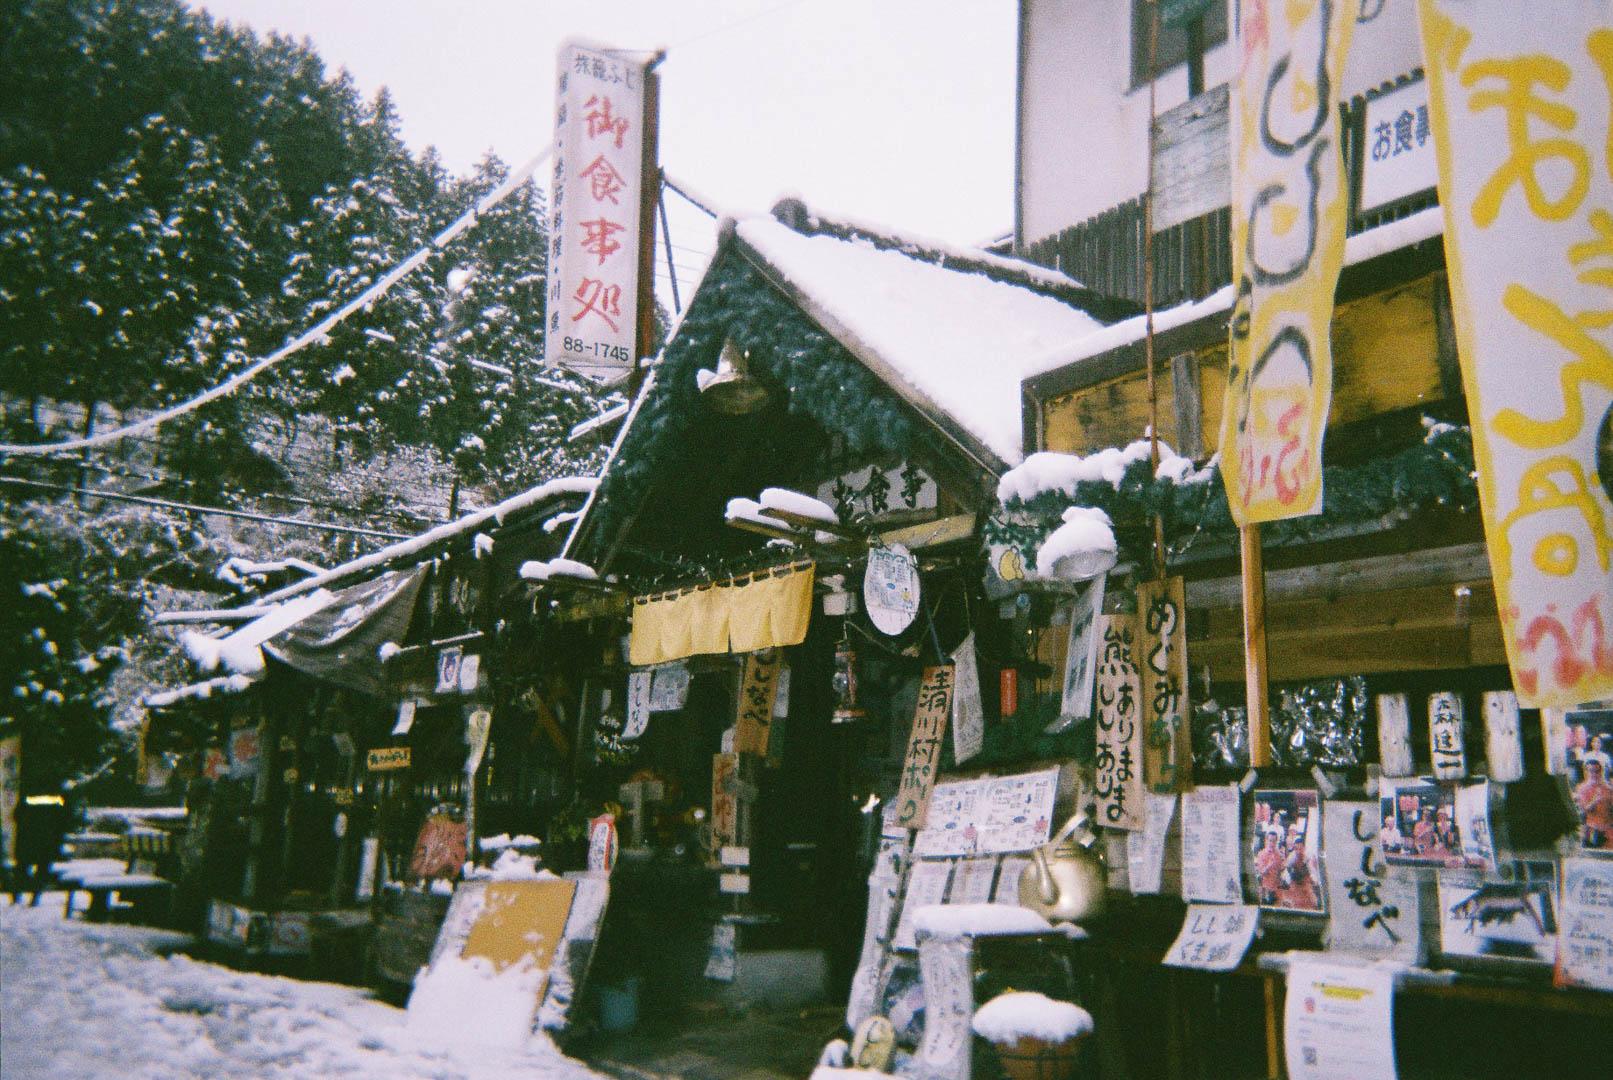 雪の宮ケ瀬 水の郷商店街を( 写ルンです